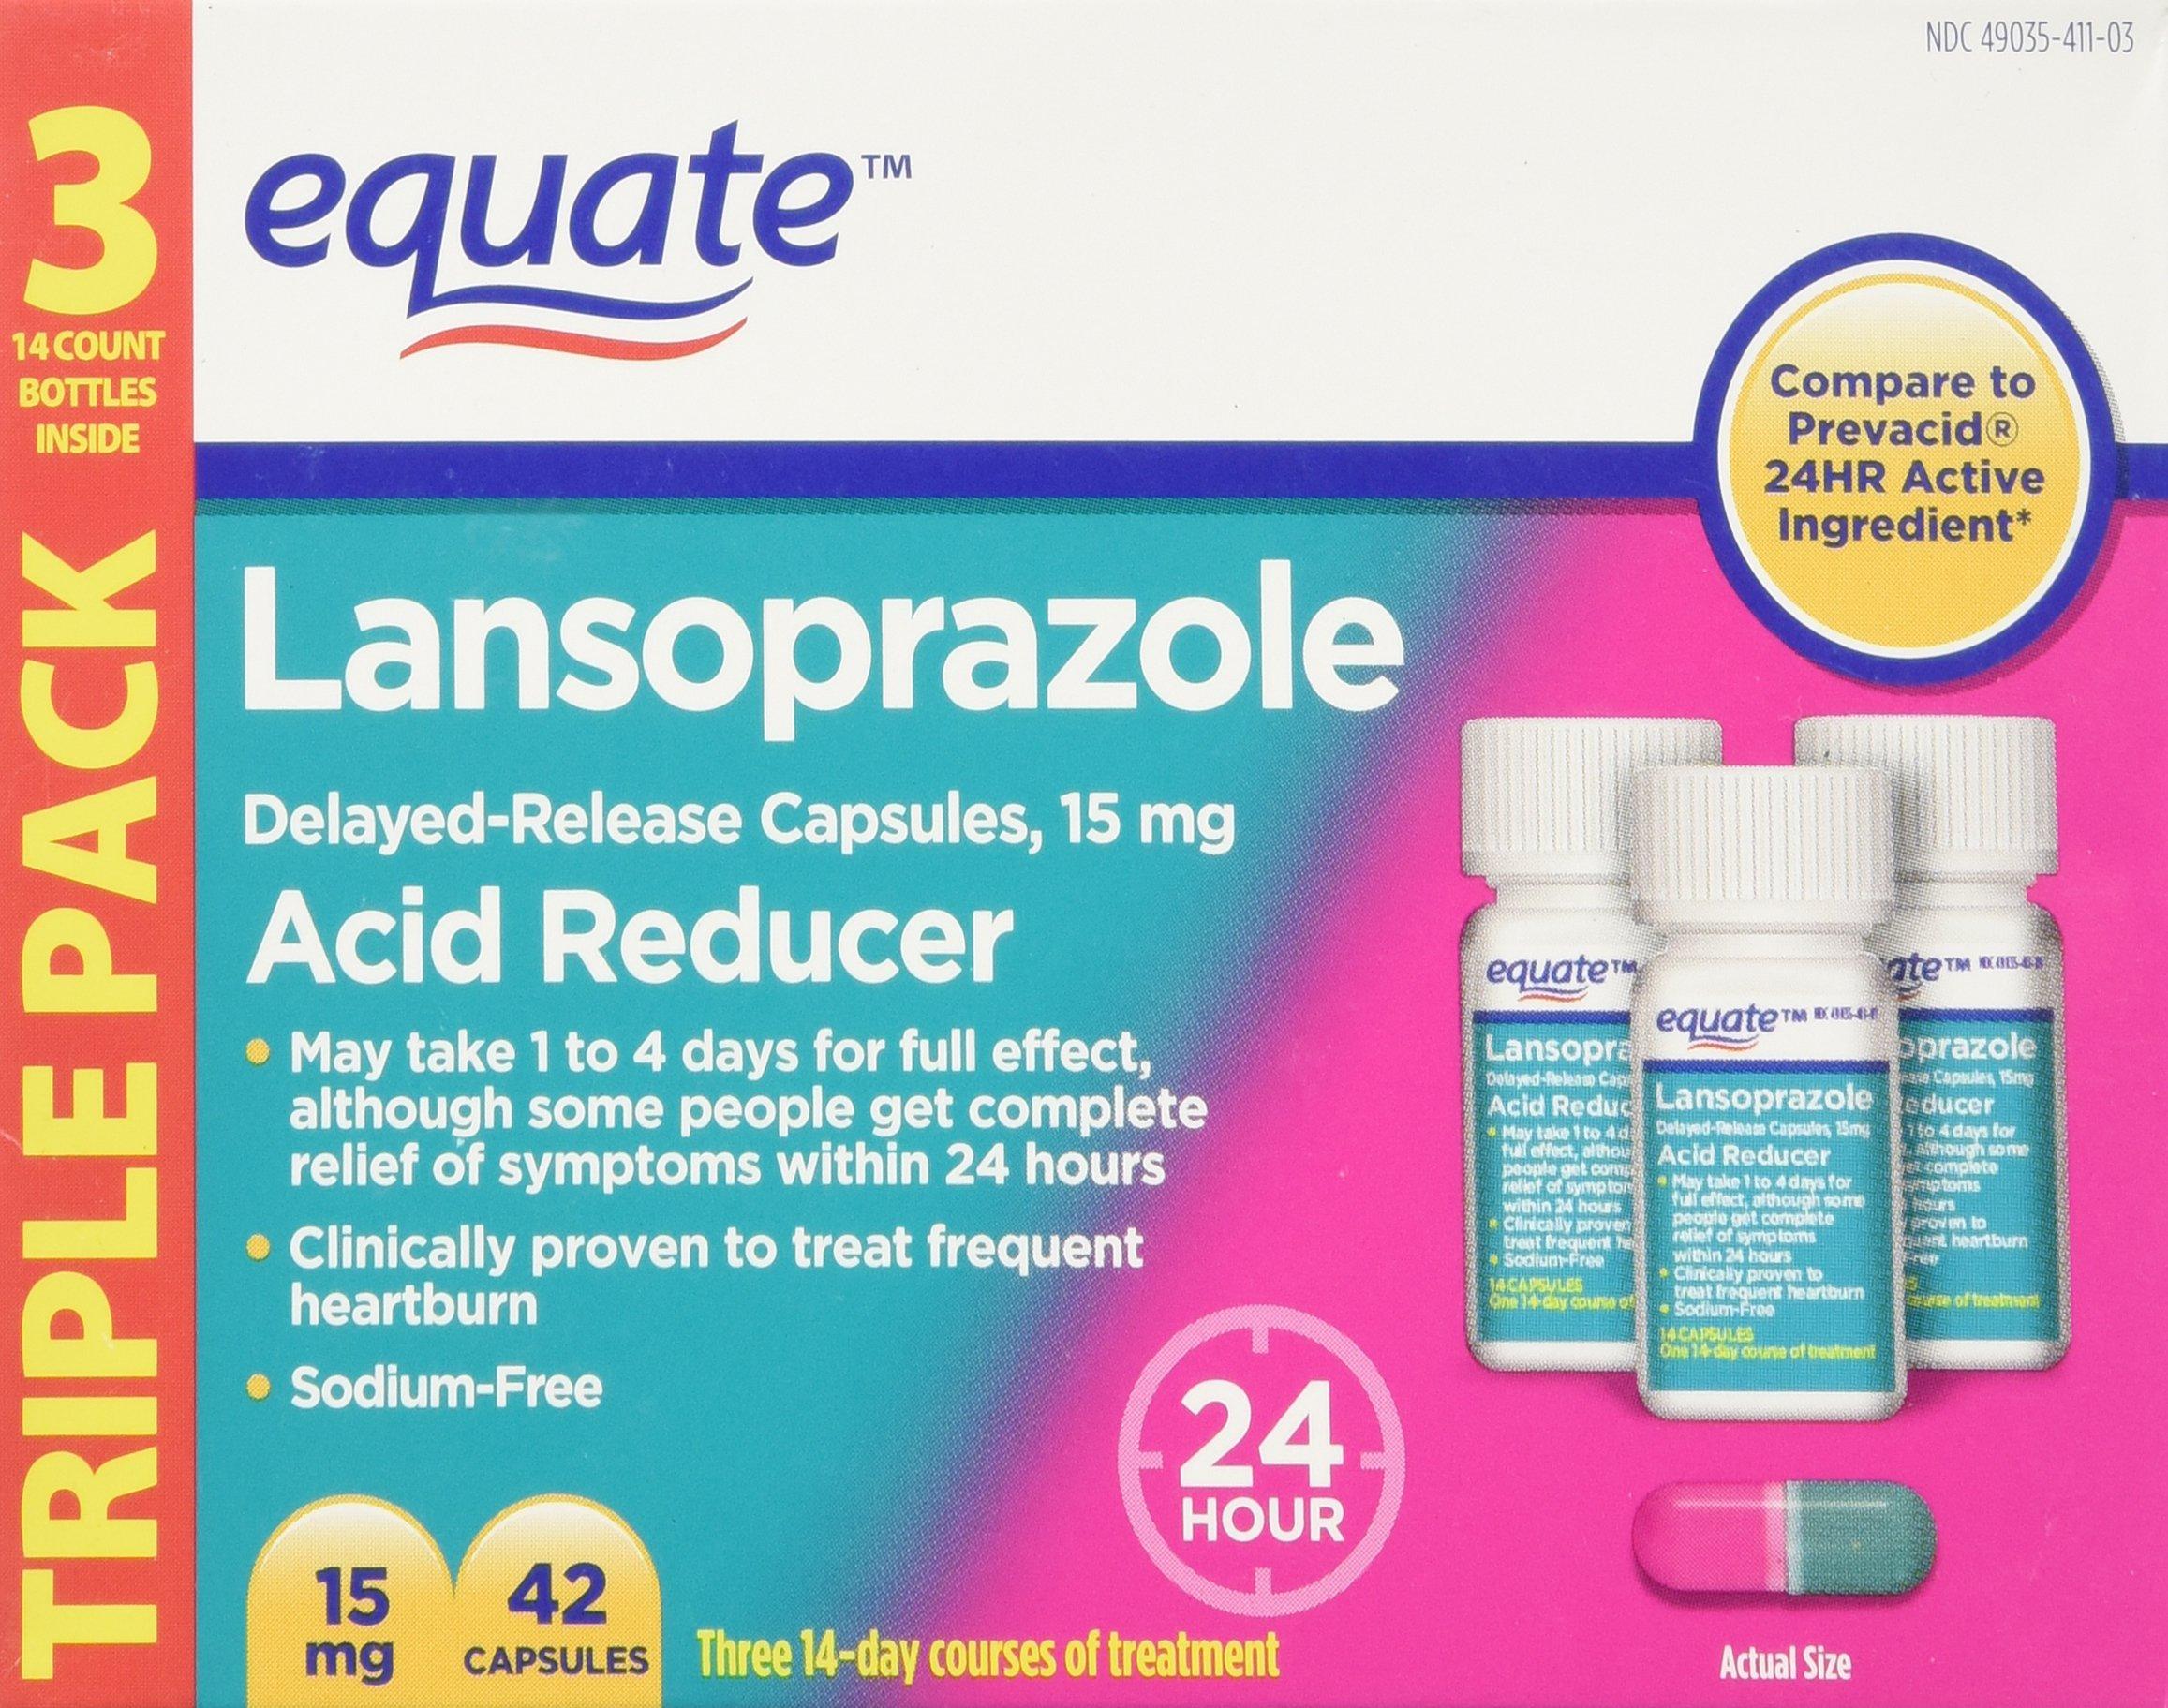 Equate - Lansoprazole 15 mg, Acid Reducer, 42 Capsules